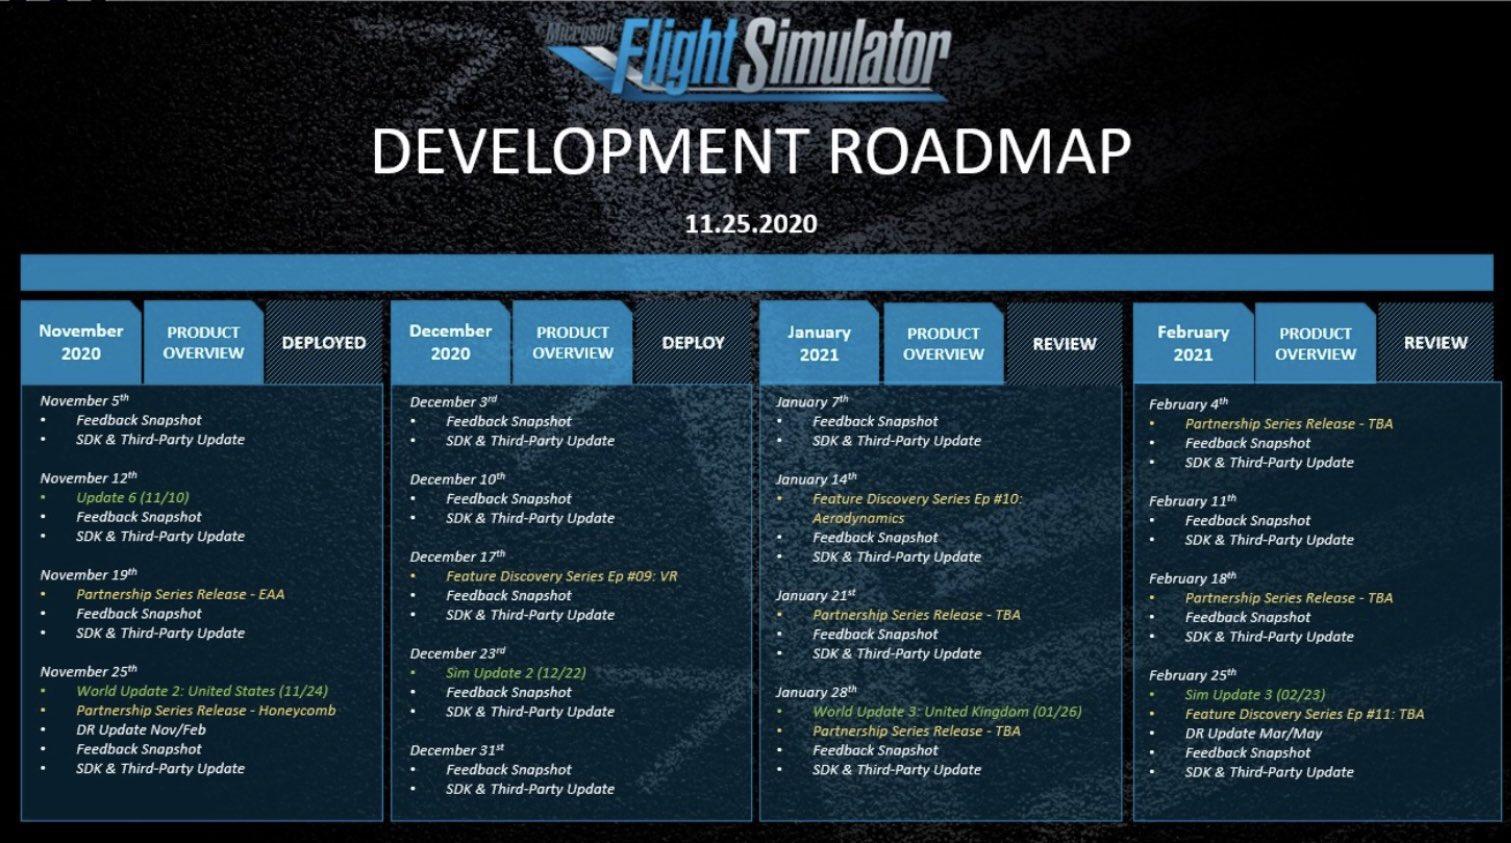 Microsoft Flight Simulator 2020 un paso más cerca de su versión de consolas según su plan de desarrollo